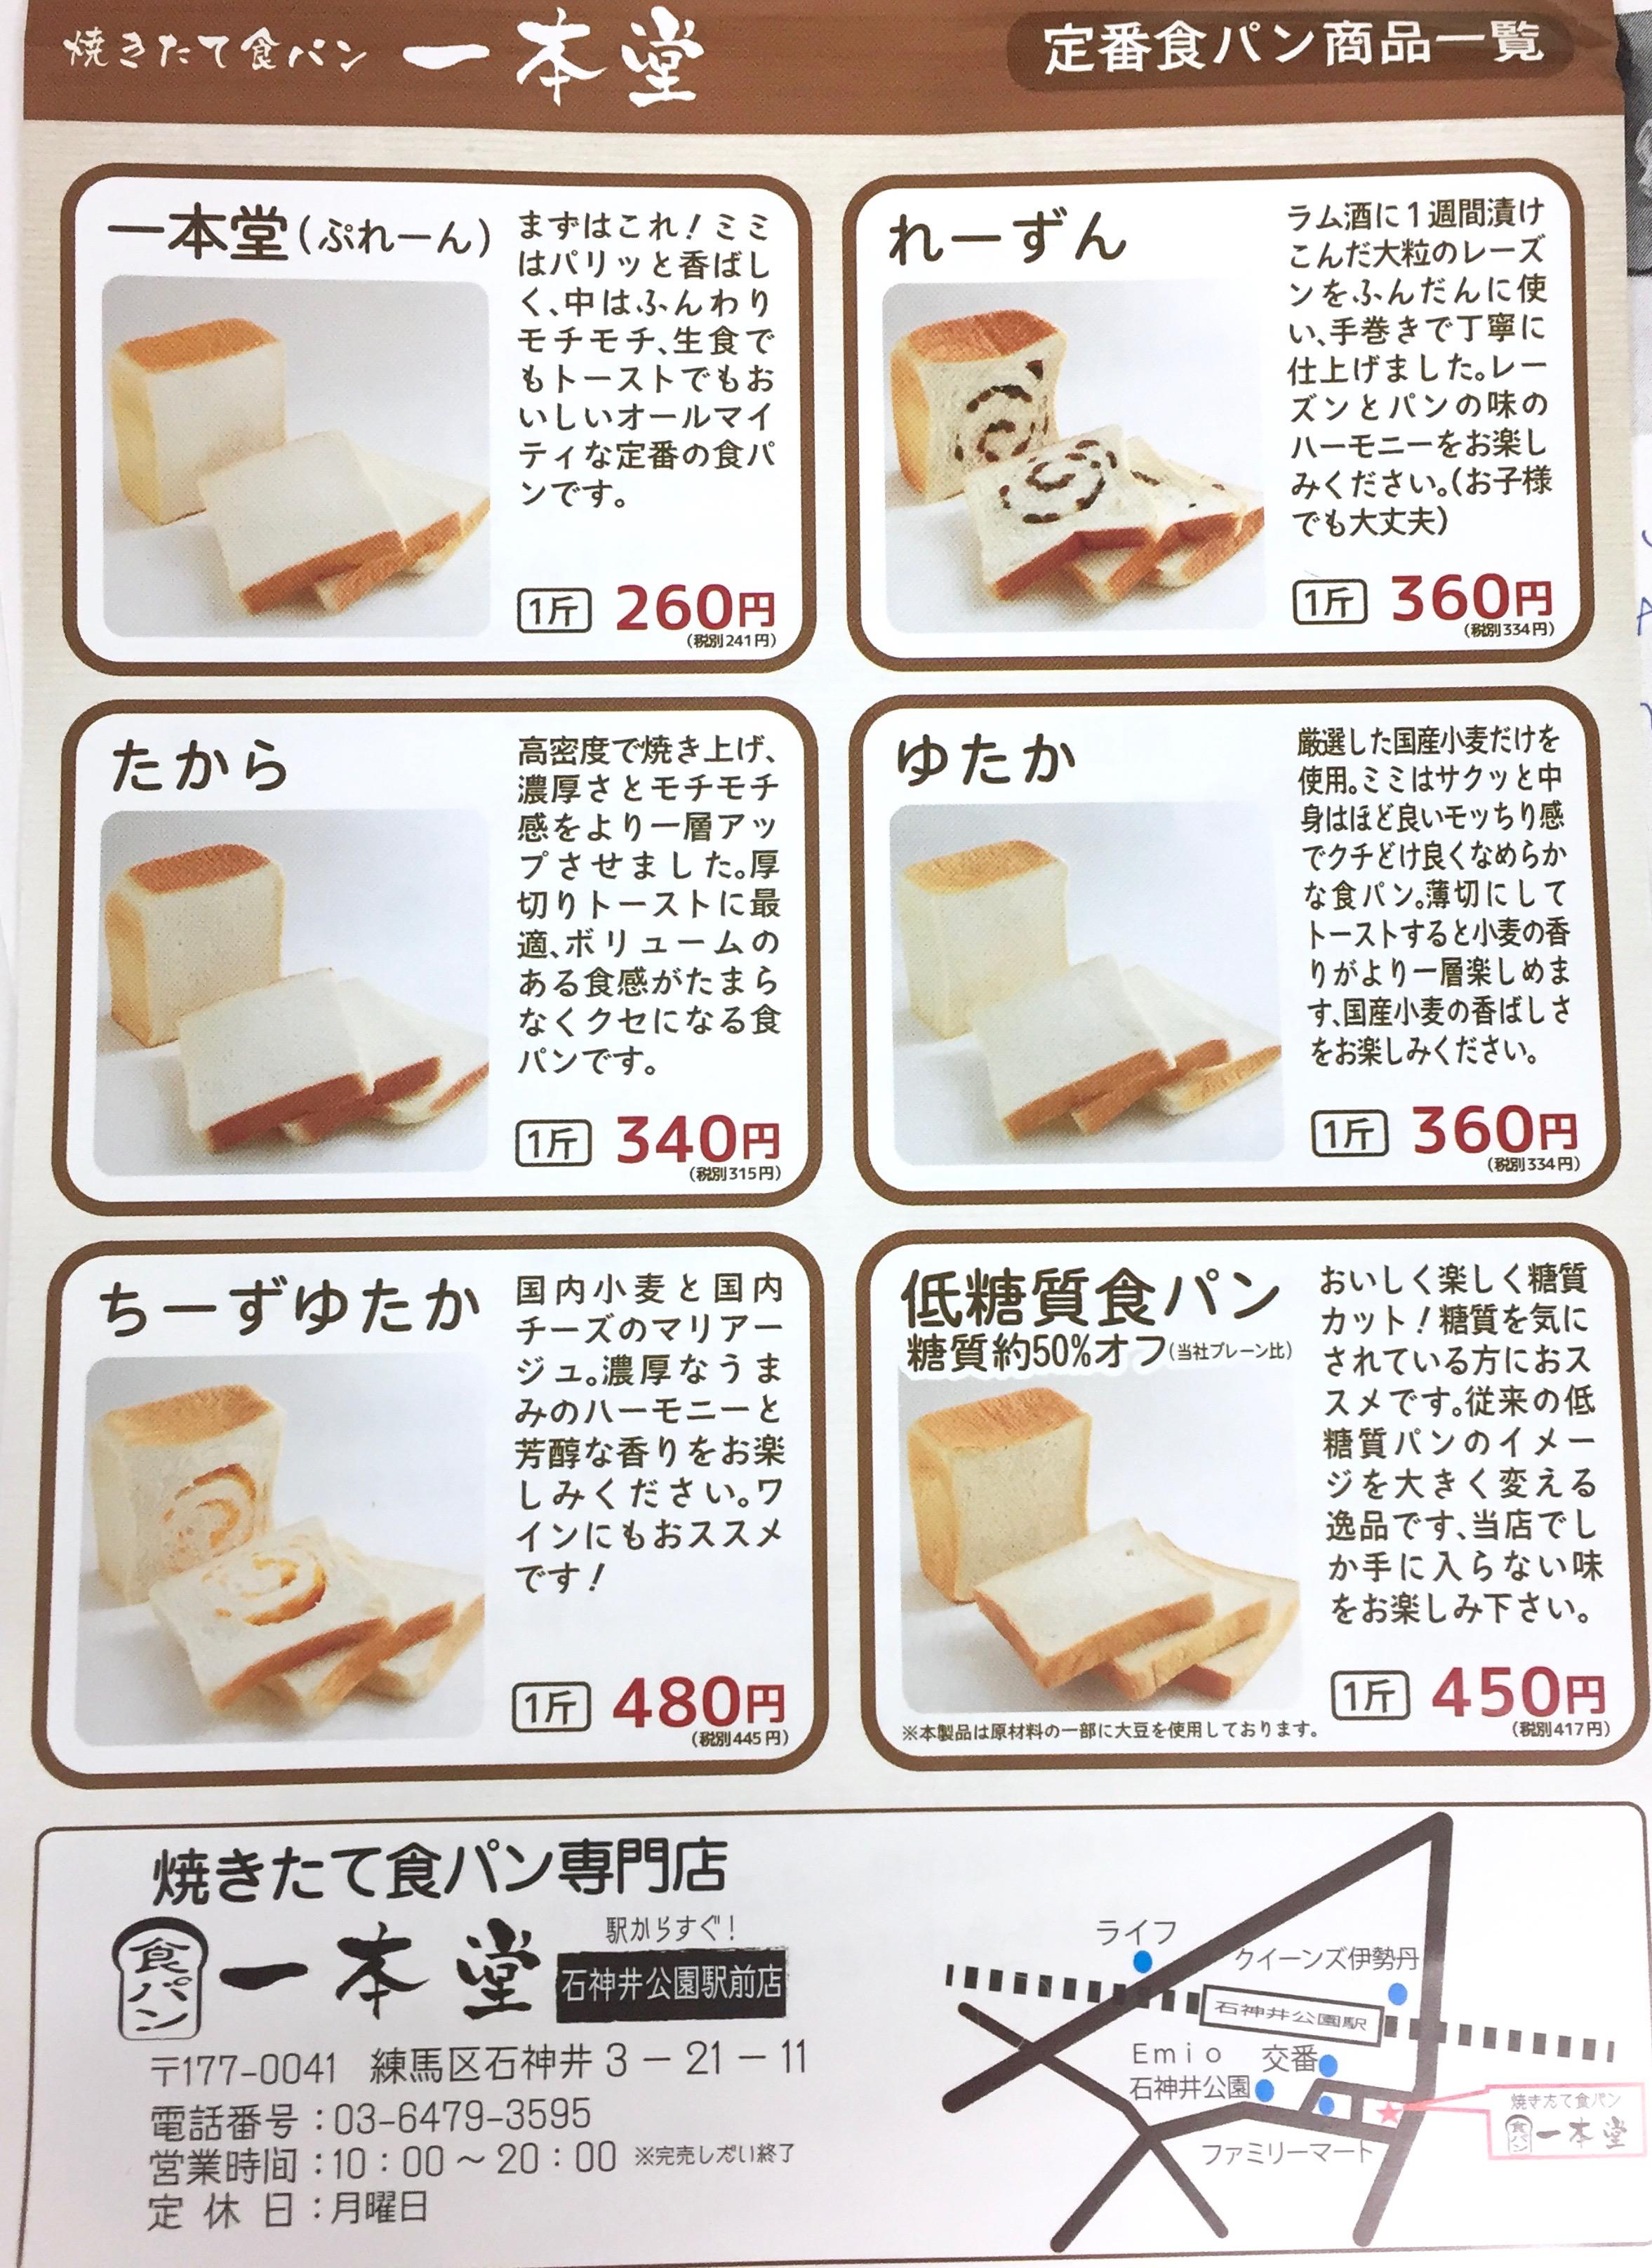 一本堂 定番食パン商品一覧